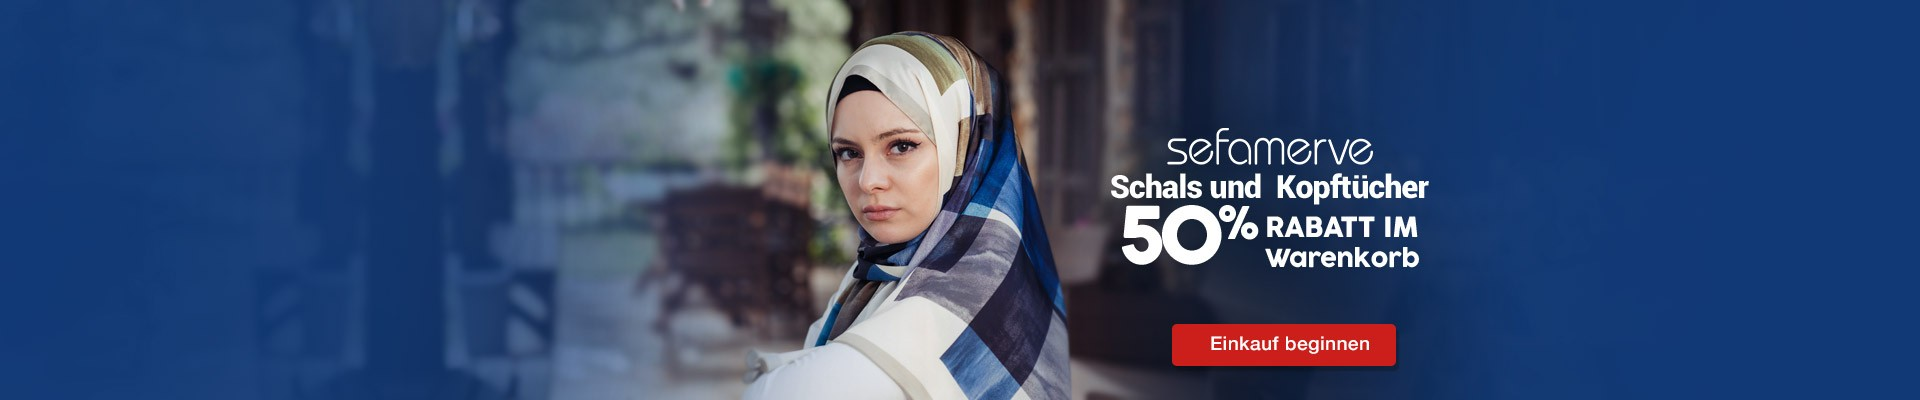 Auf Kopftücher und Schals 50% hälfte des Warenkorbes